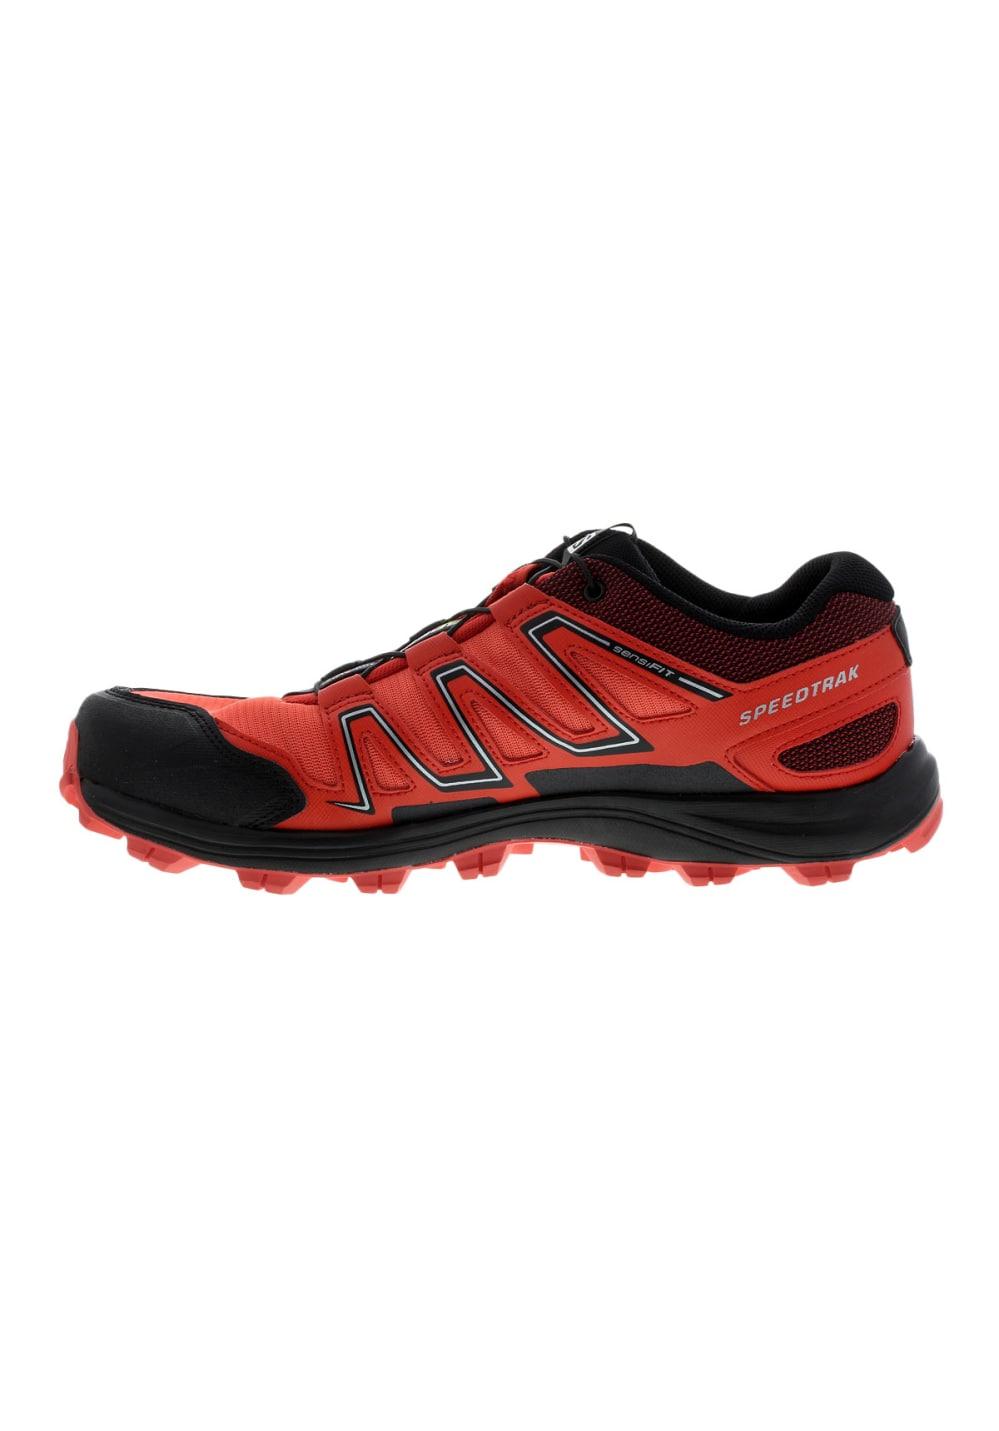 on sale 63e1e 17c6f Salomon Speedtrak - Running shoes for Women - Black